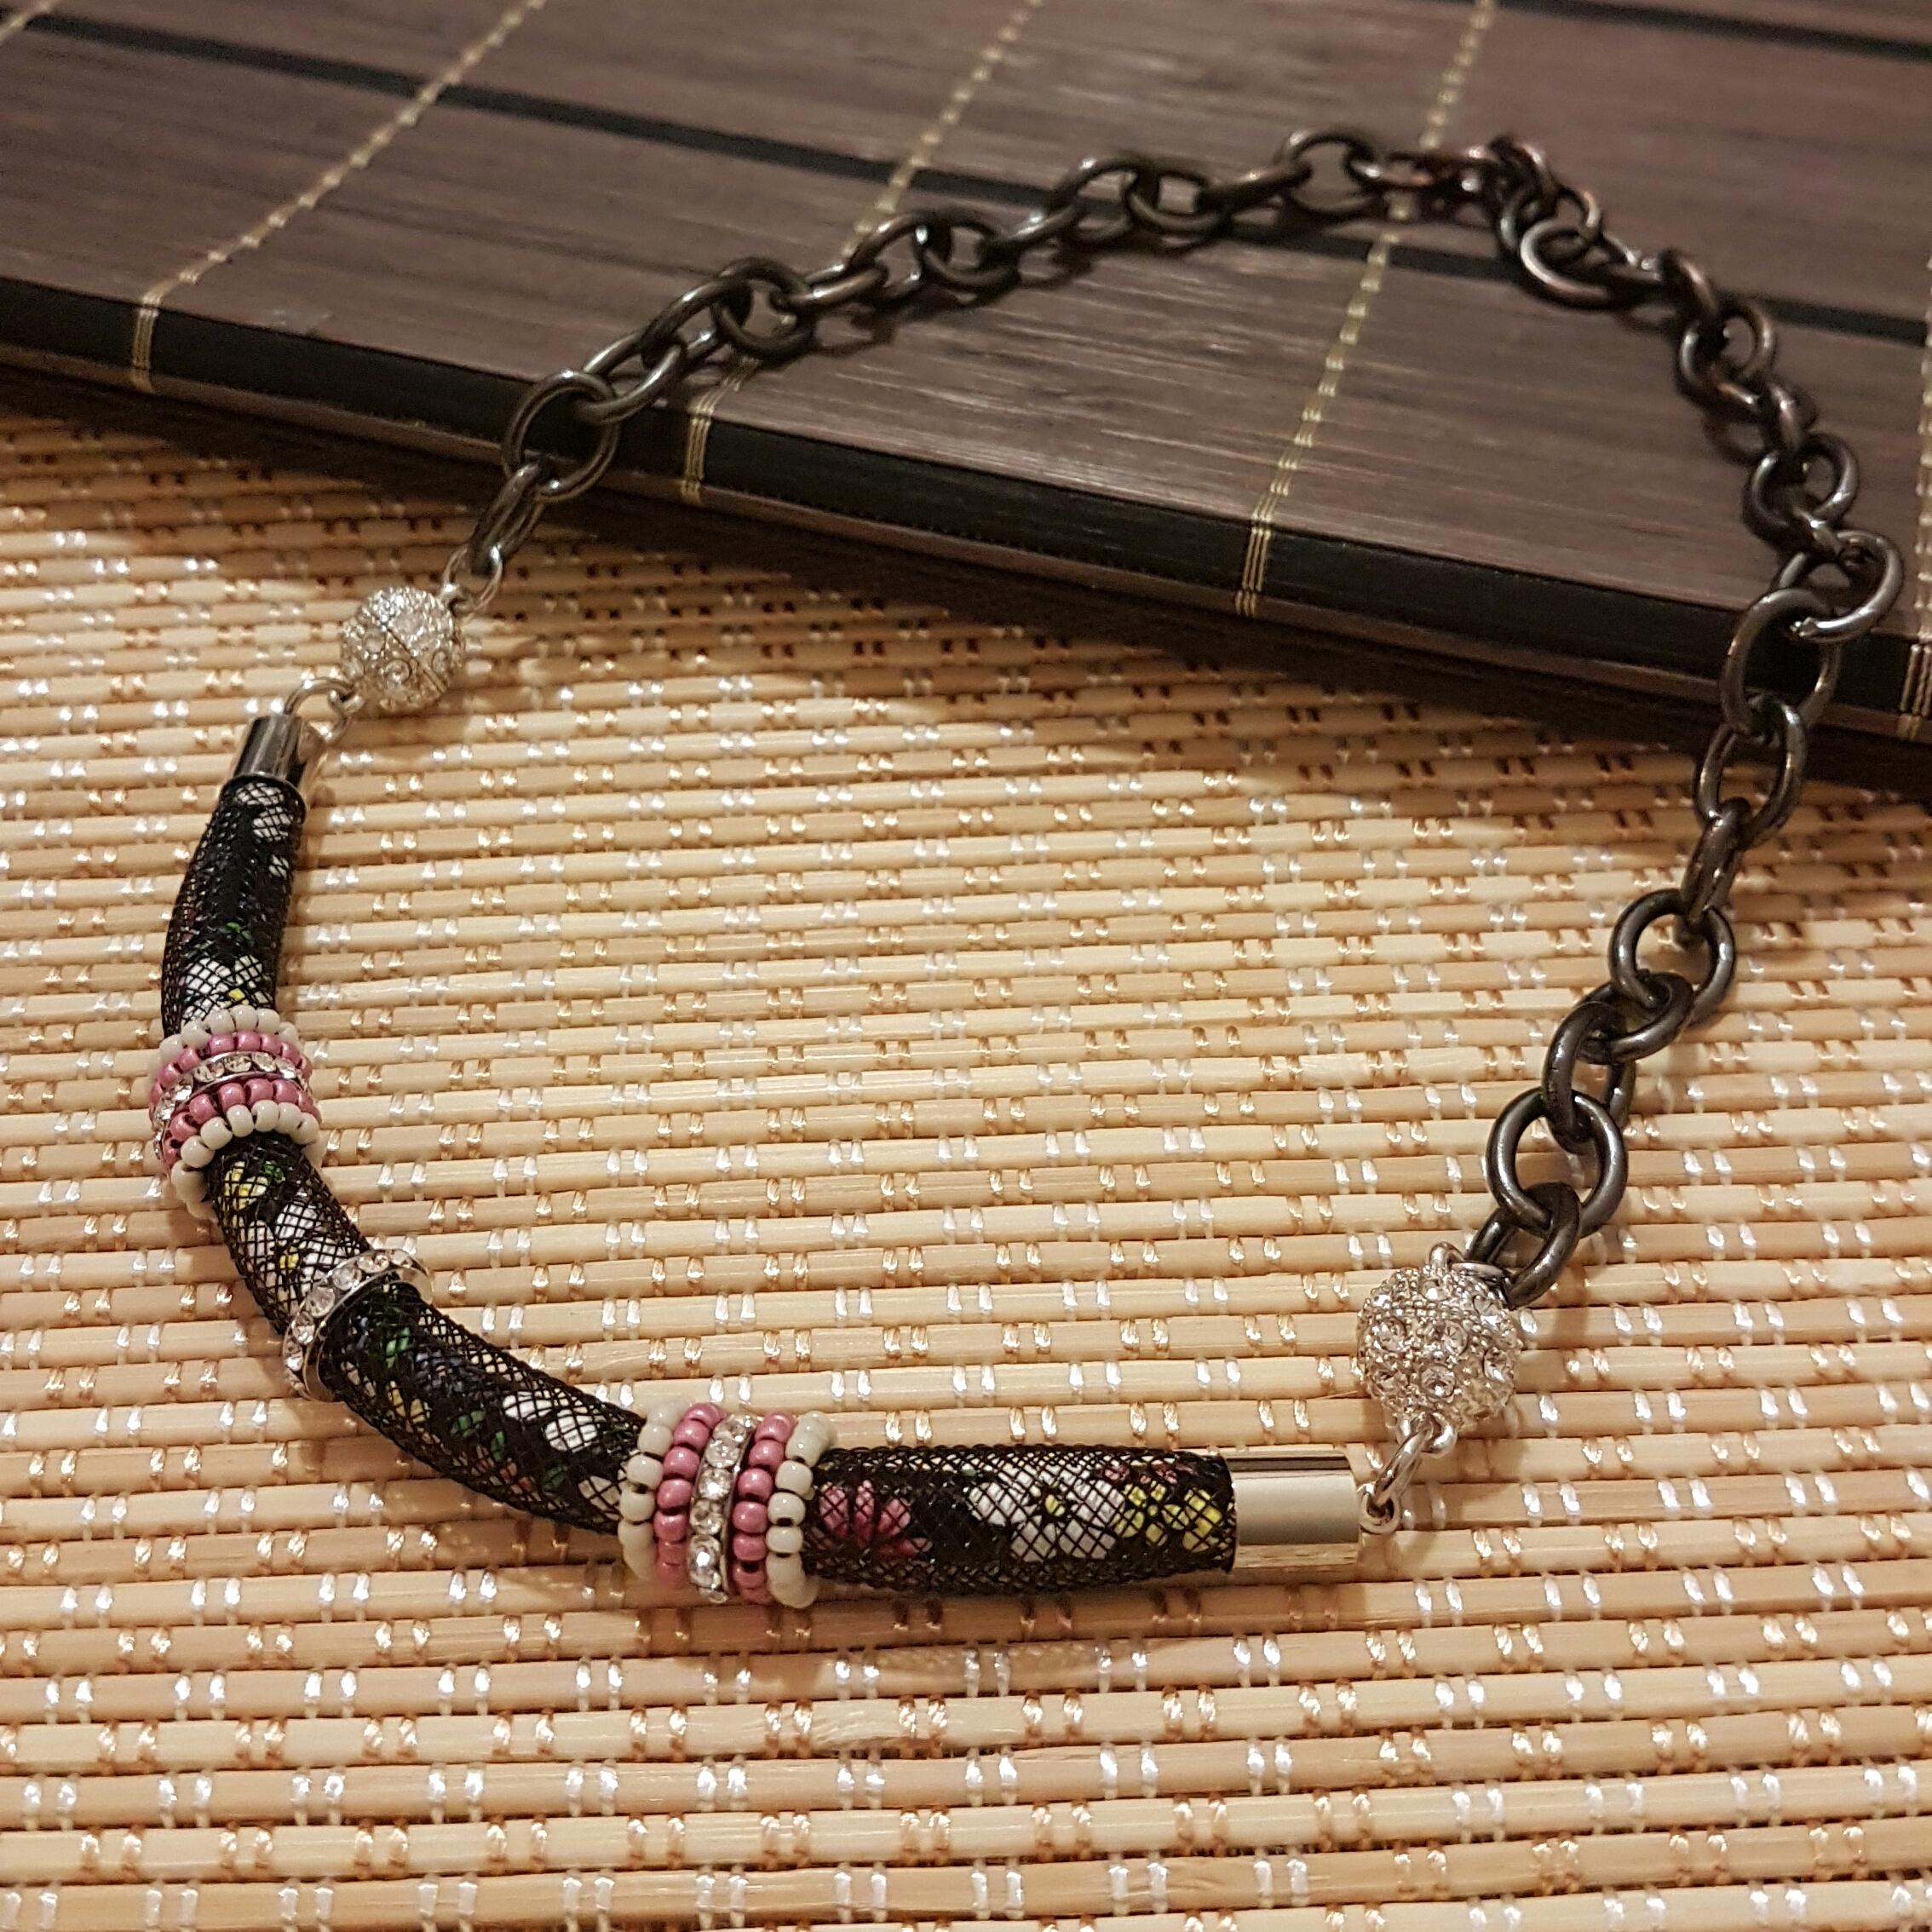   ART015   Floral Necklace